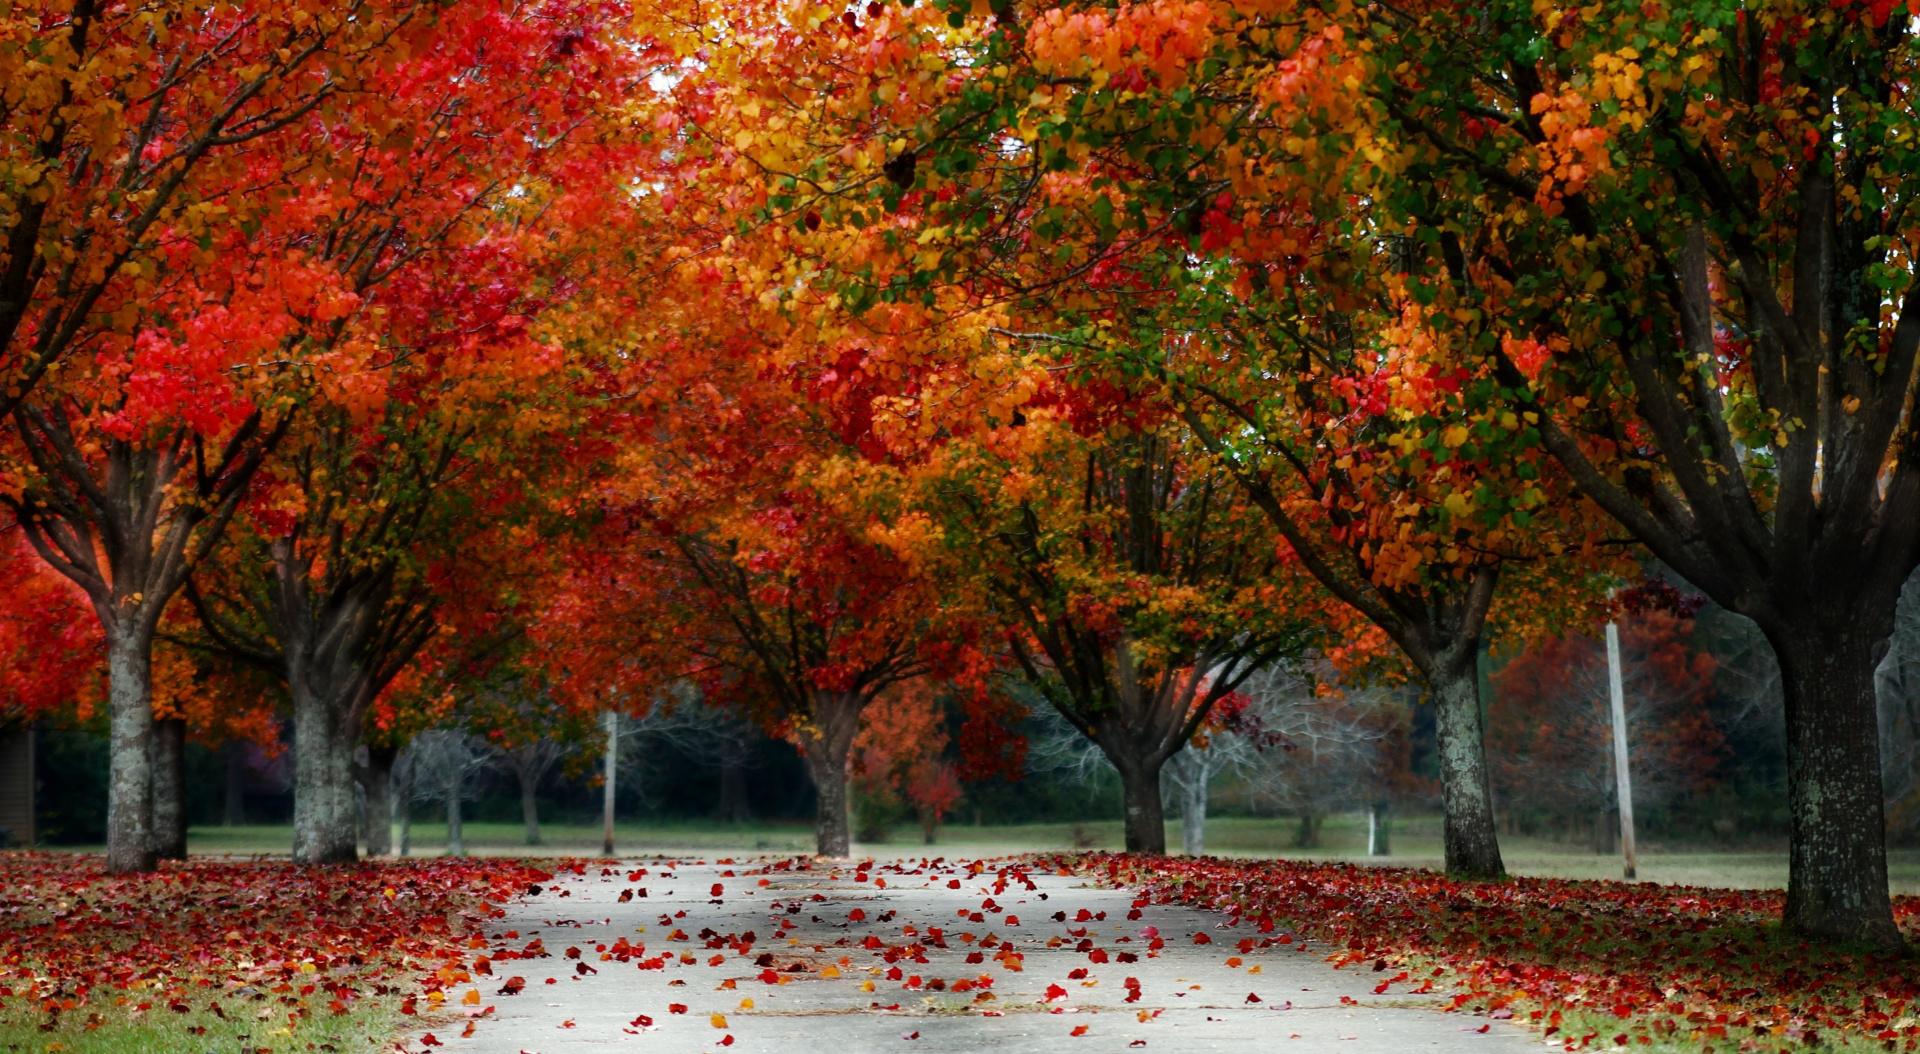 Autumn landscapes 52552 - Autumn Theme - Landscape scenery